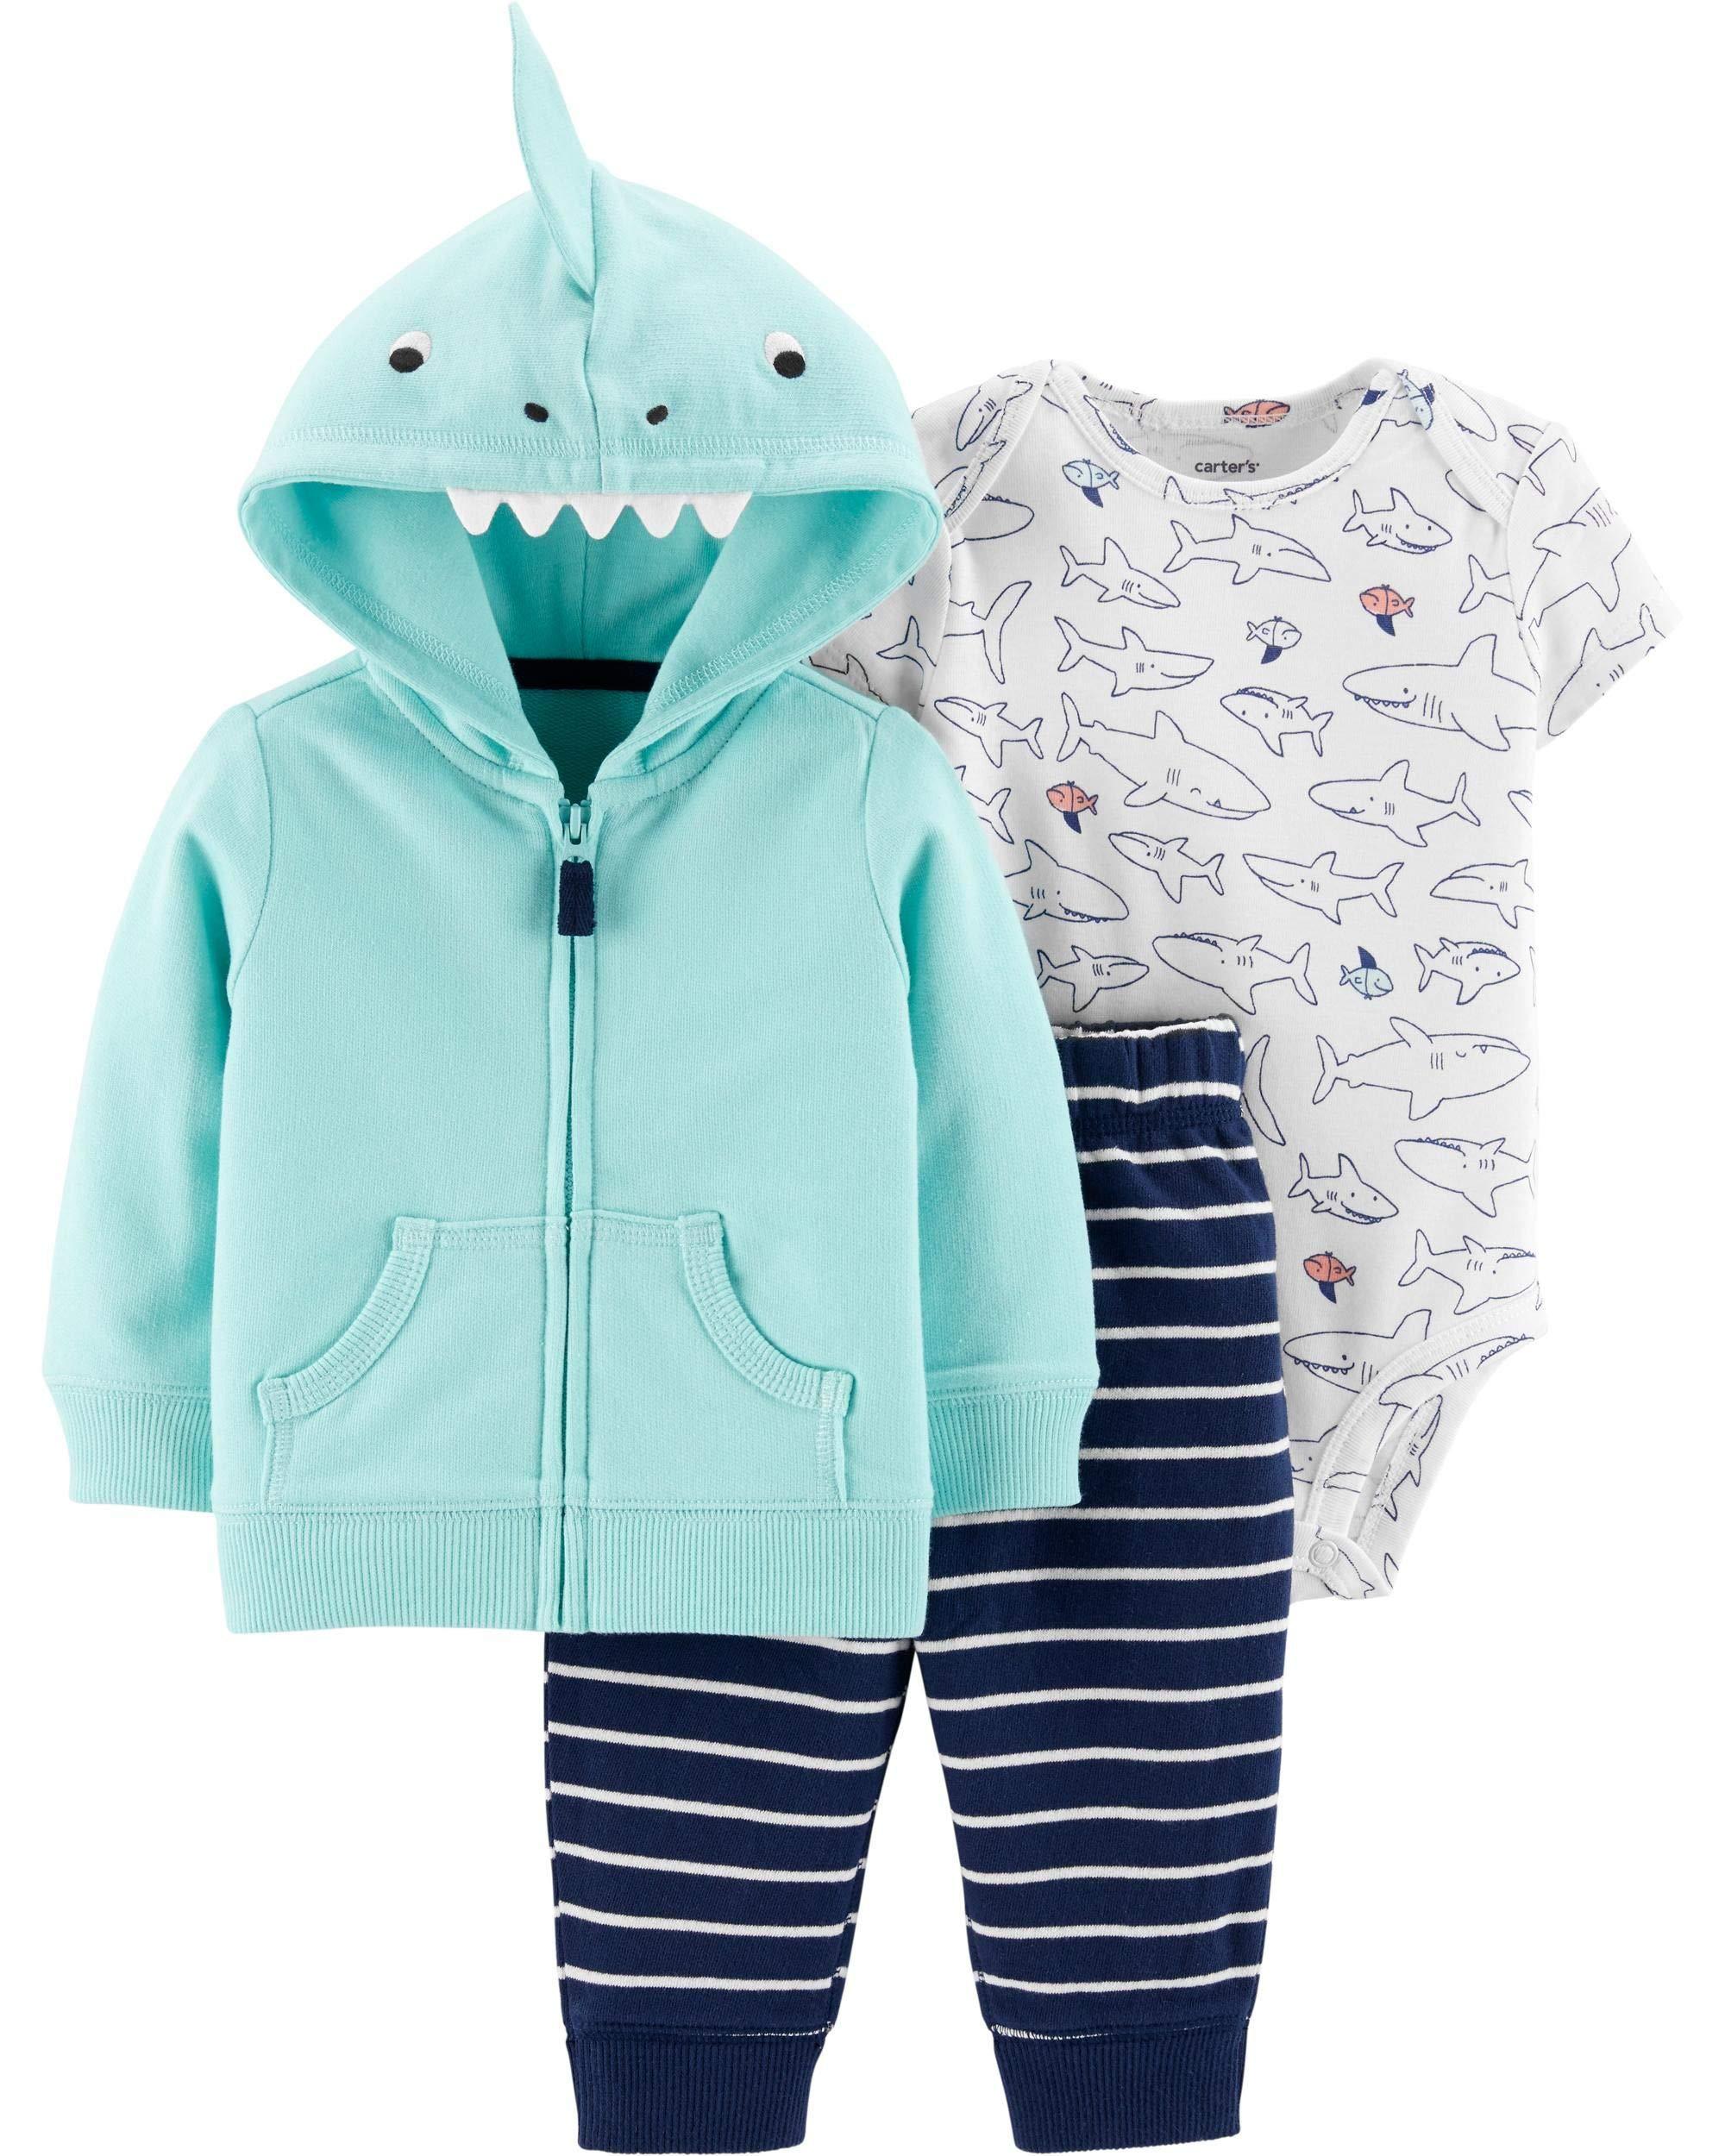 Carter's Baby Boys` 3-Piece Little Jacket Set, Shark, 6 Months